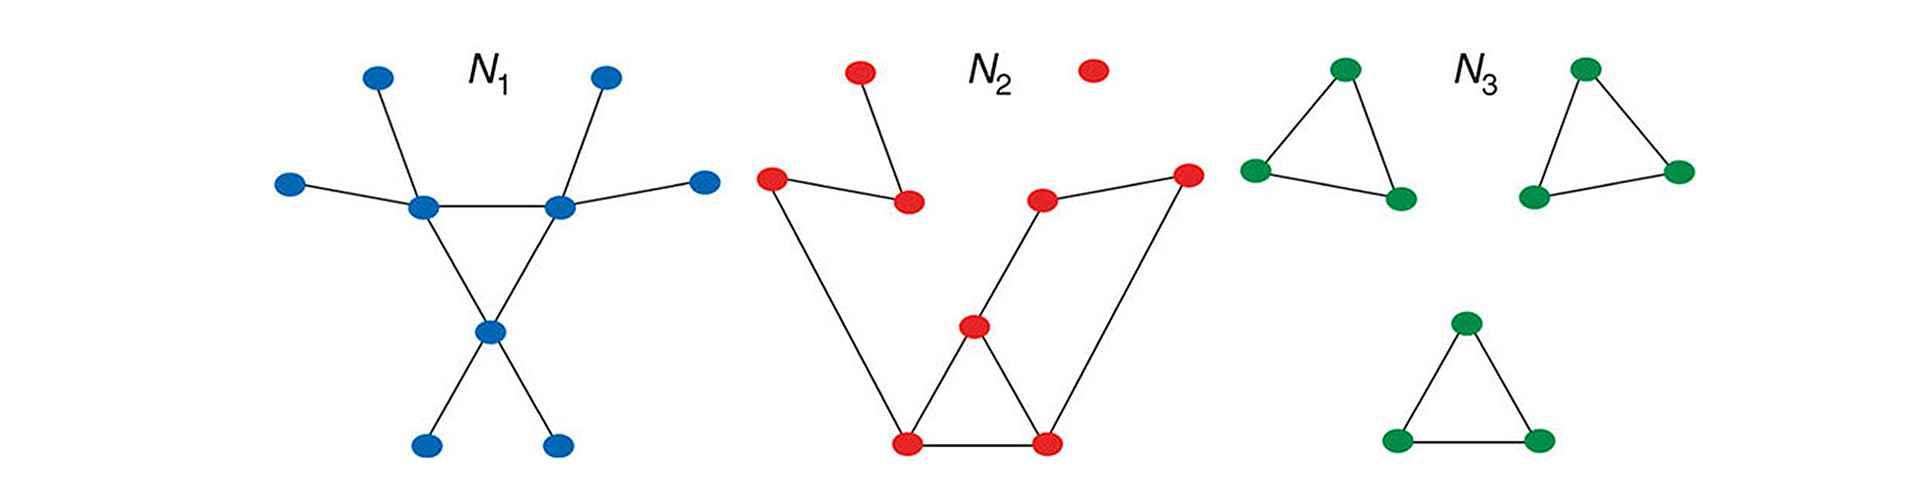 Representação de diferentes redes com o mesmo número de nós e arestas